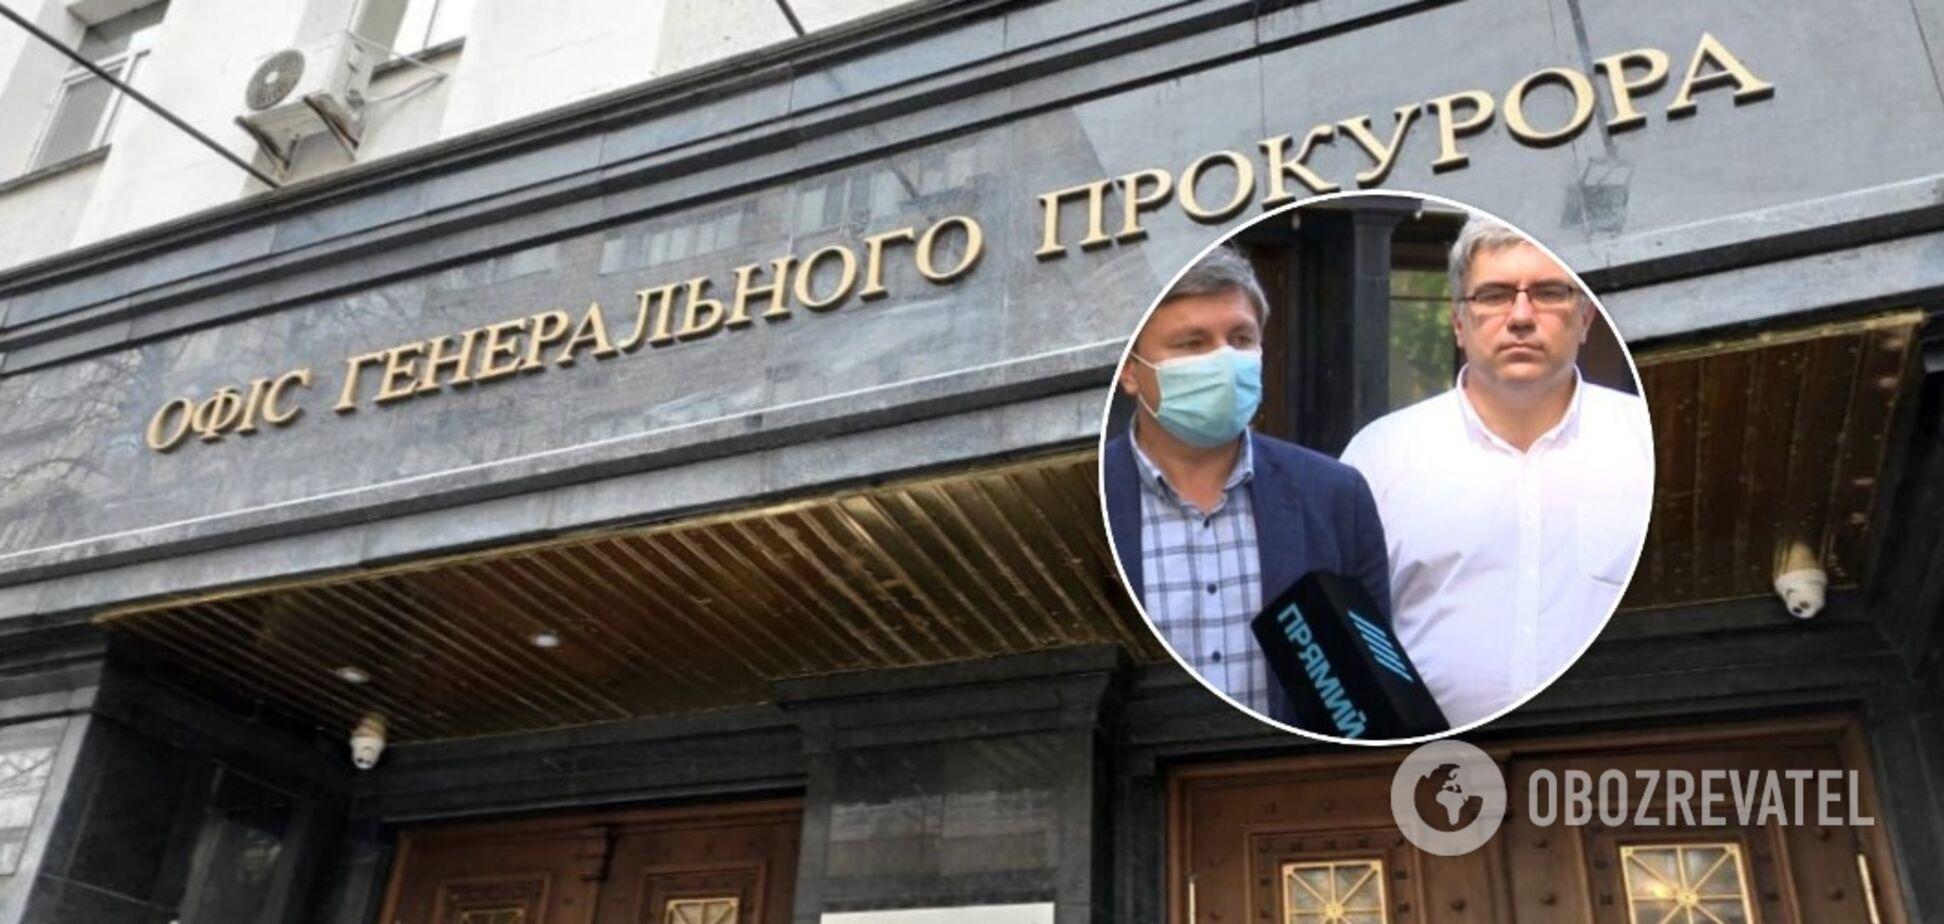 'ЕС' требует объяснений от Офиса Гепрокурора по саботажу заседания по делу Павловского